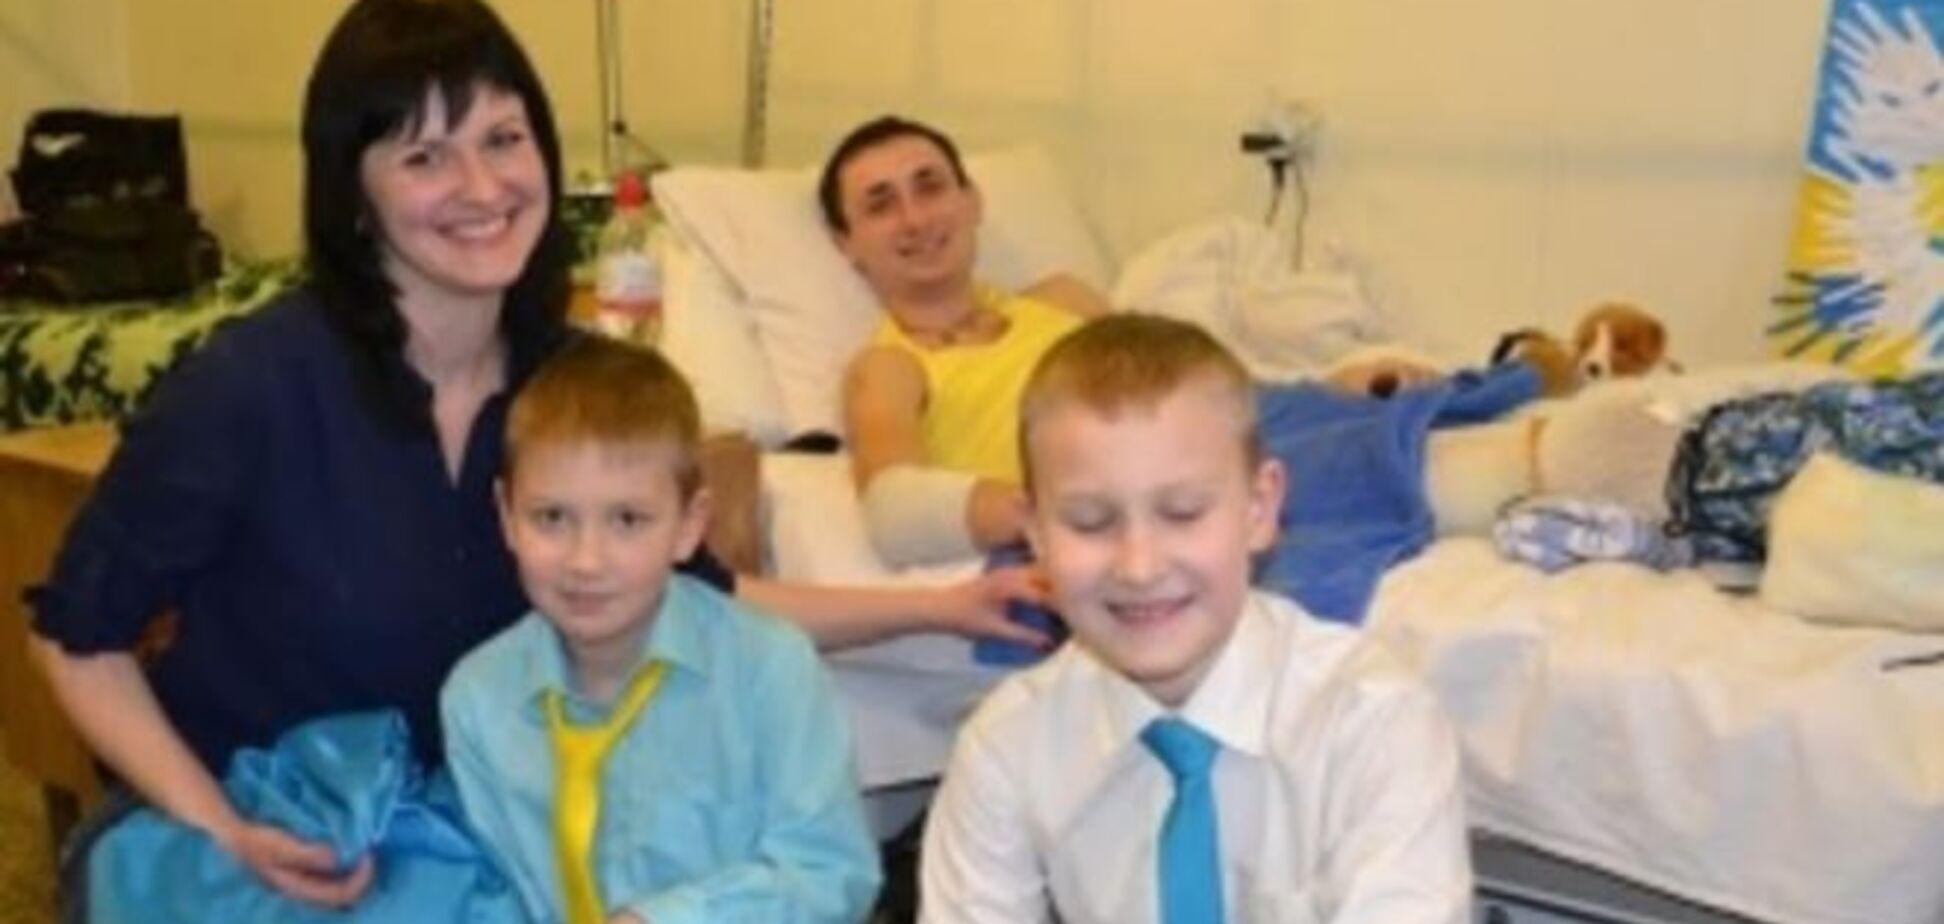 8-летний харьковчанин отказался от дня рождения, чтобы помочь раненым бойцам АТО: видео с маленьким патриотом